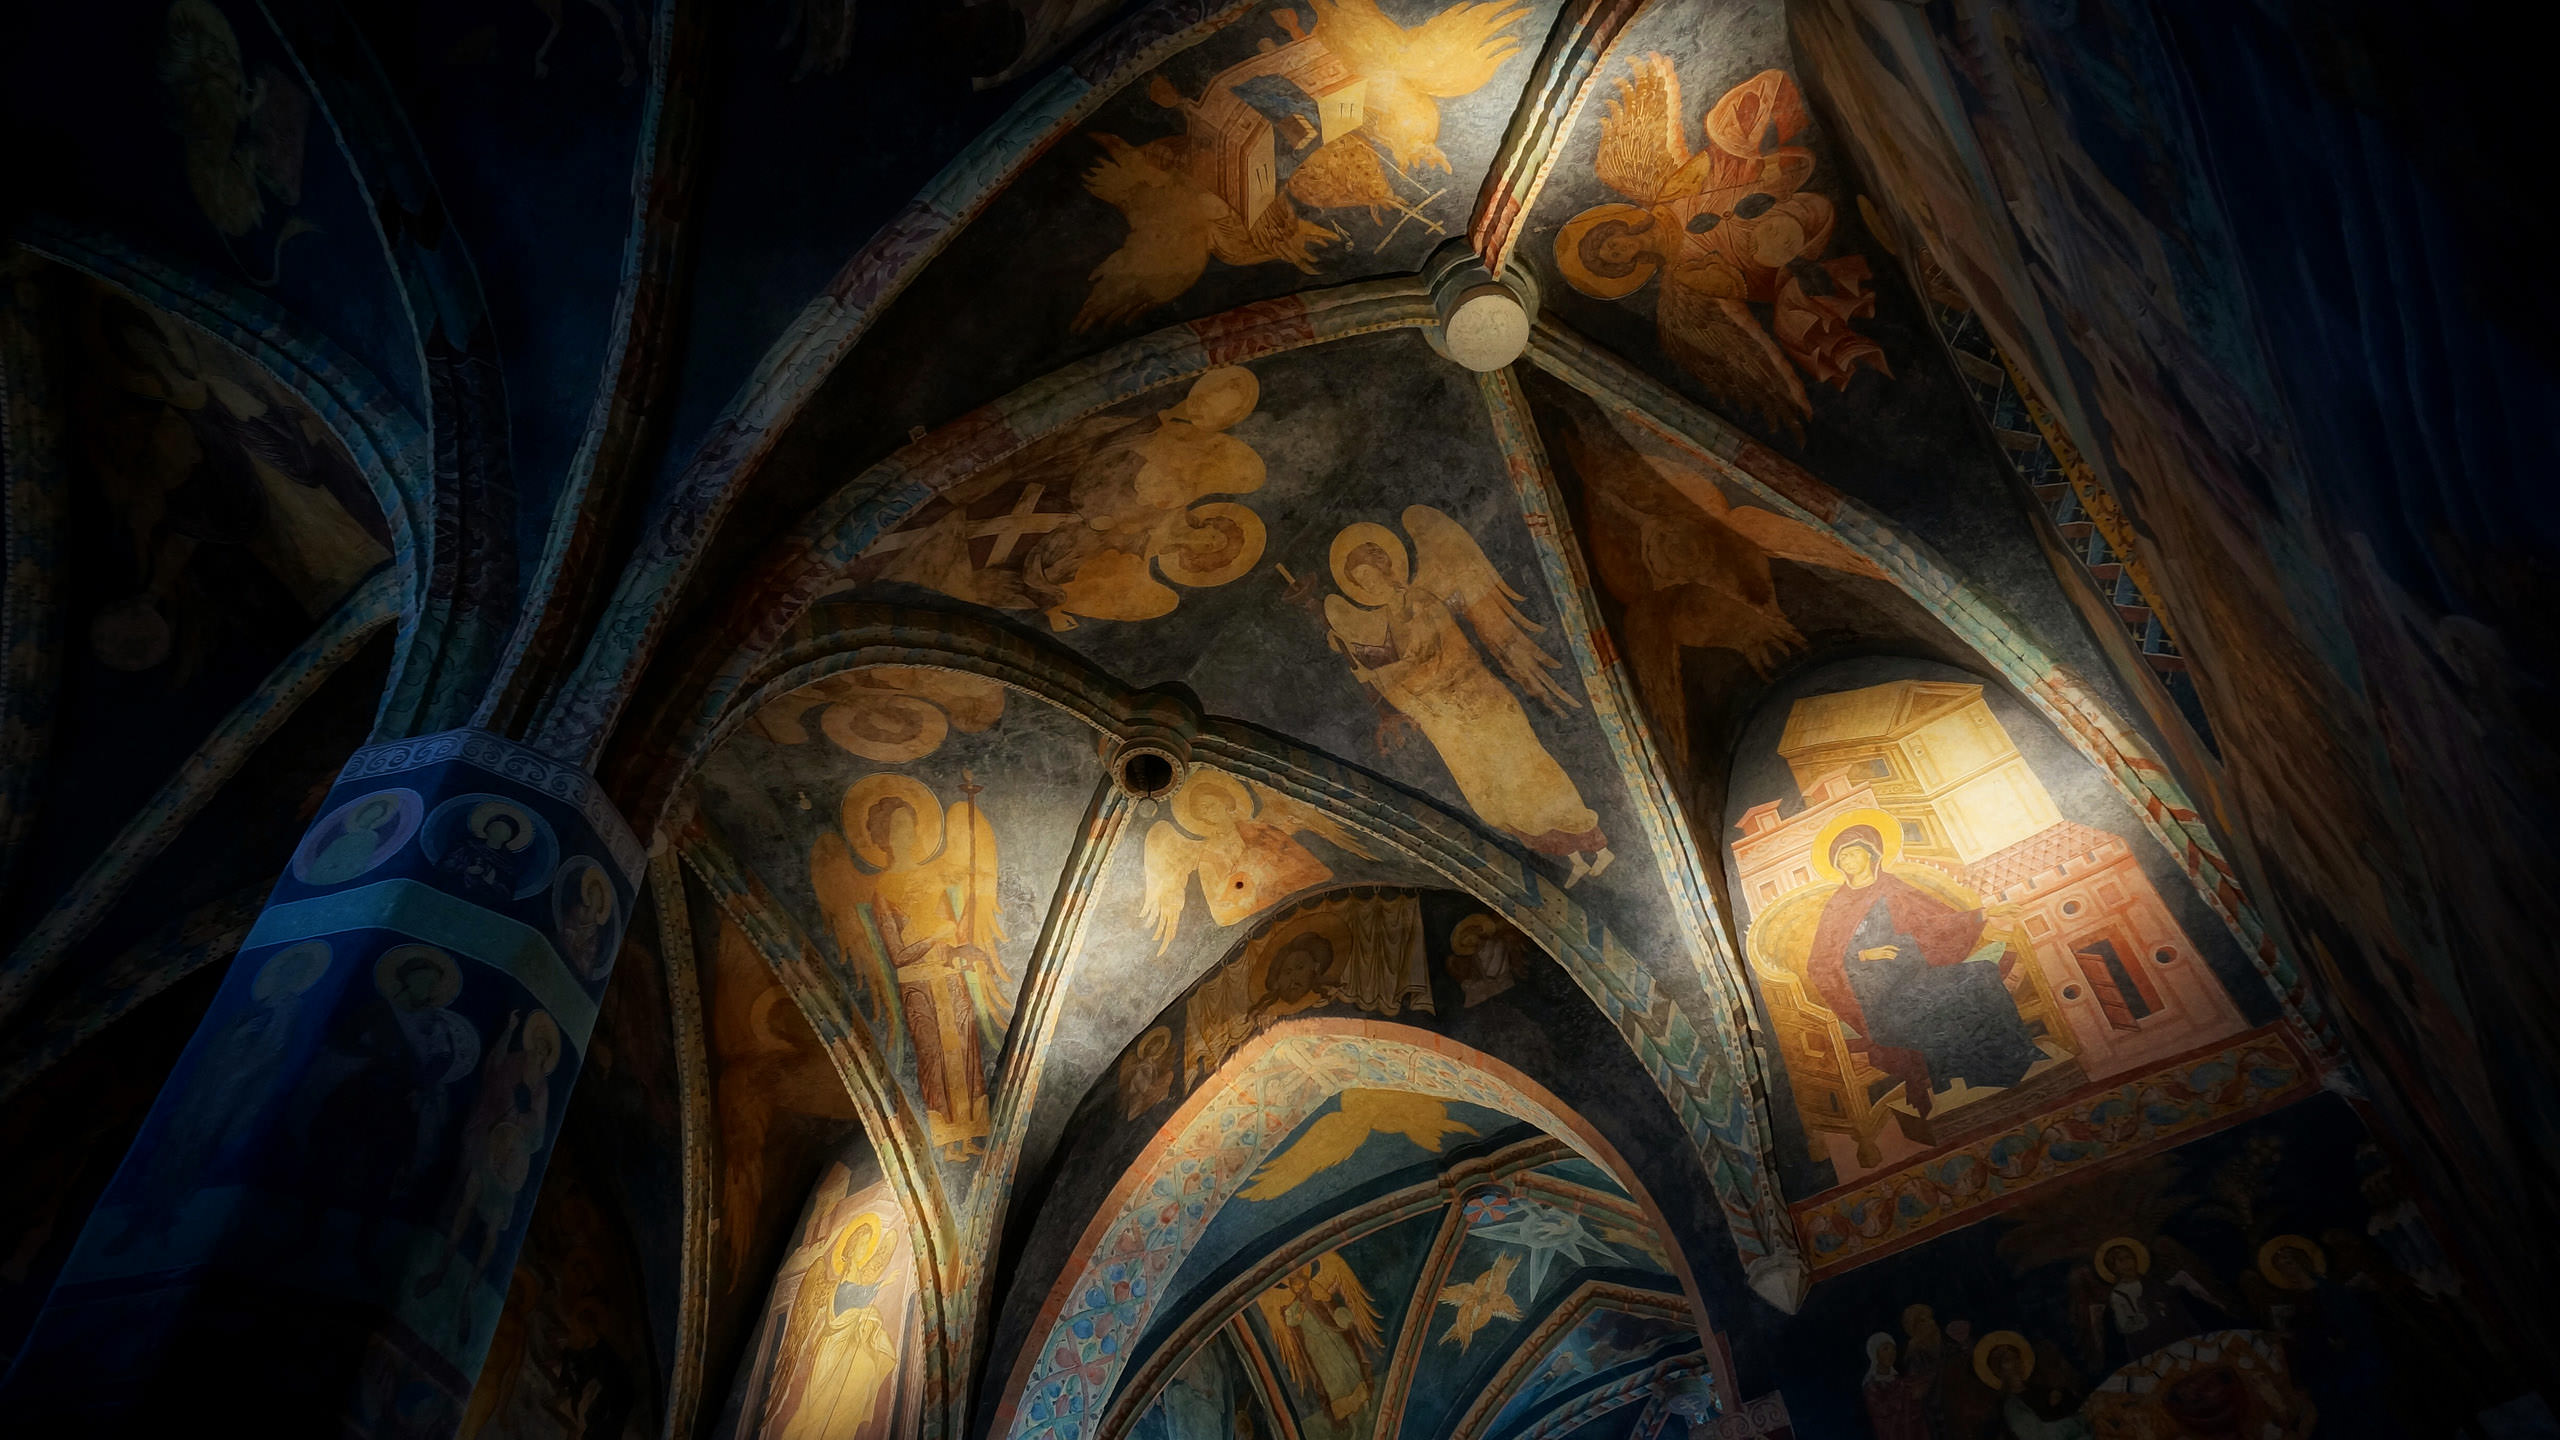 Kaplica Trójcy Świętej w Lublinie